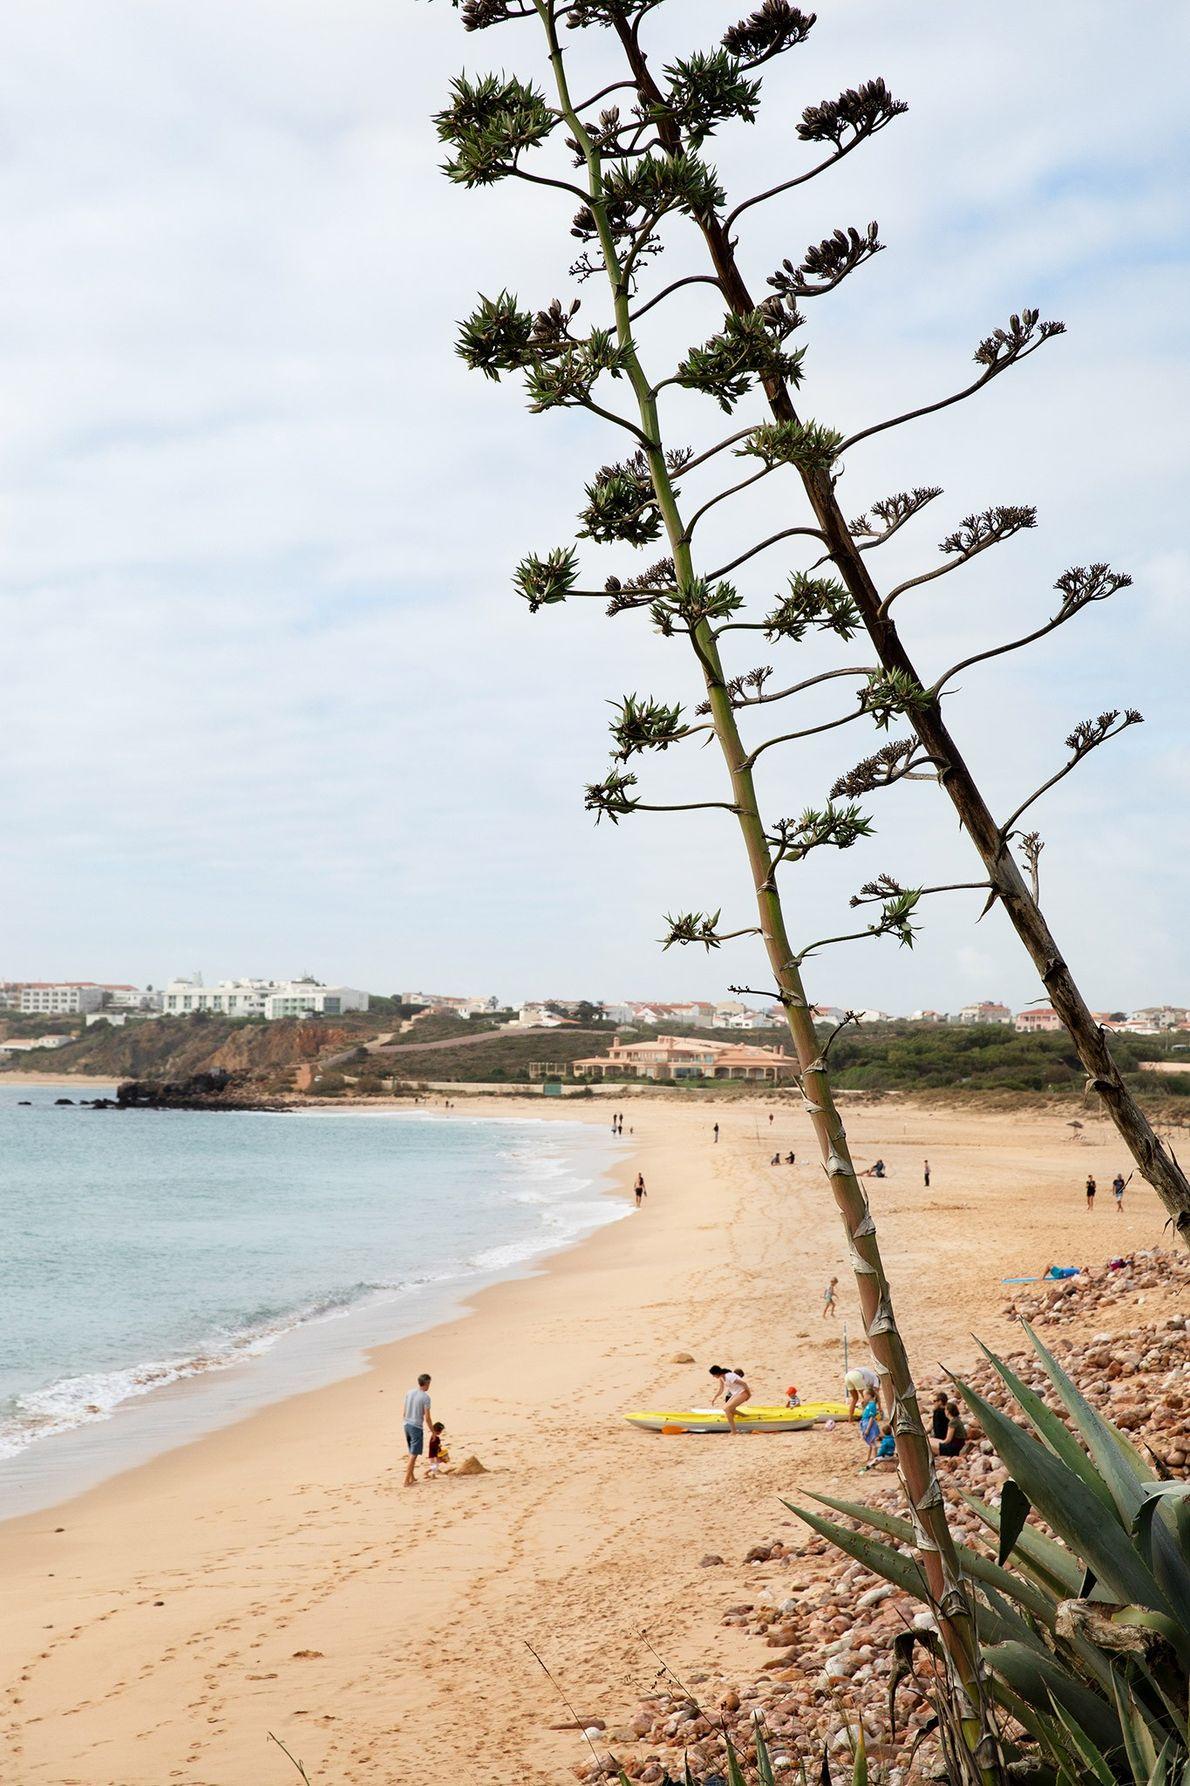 Em Portugal, todas as praias são públicas. A praia do Martinhal, ao lado do Martinhal Sagres ...